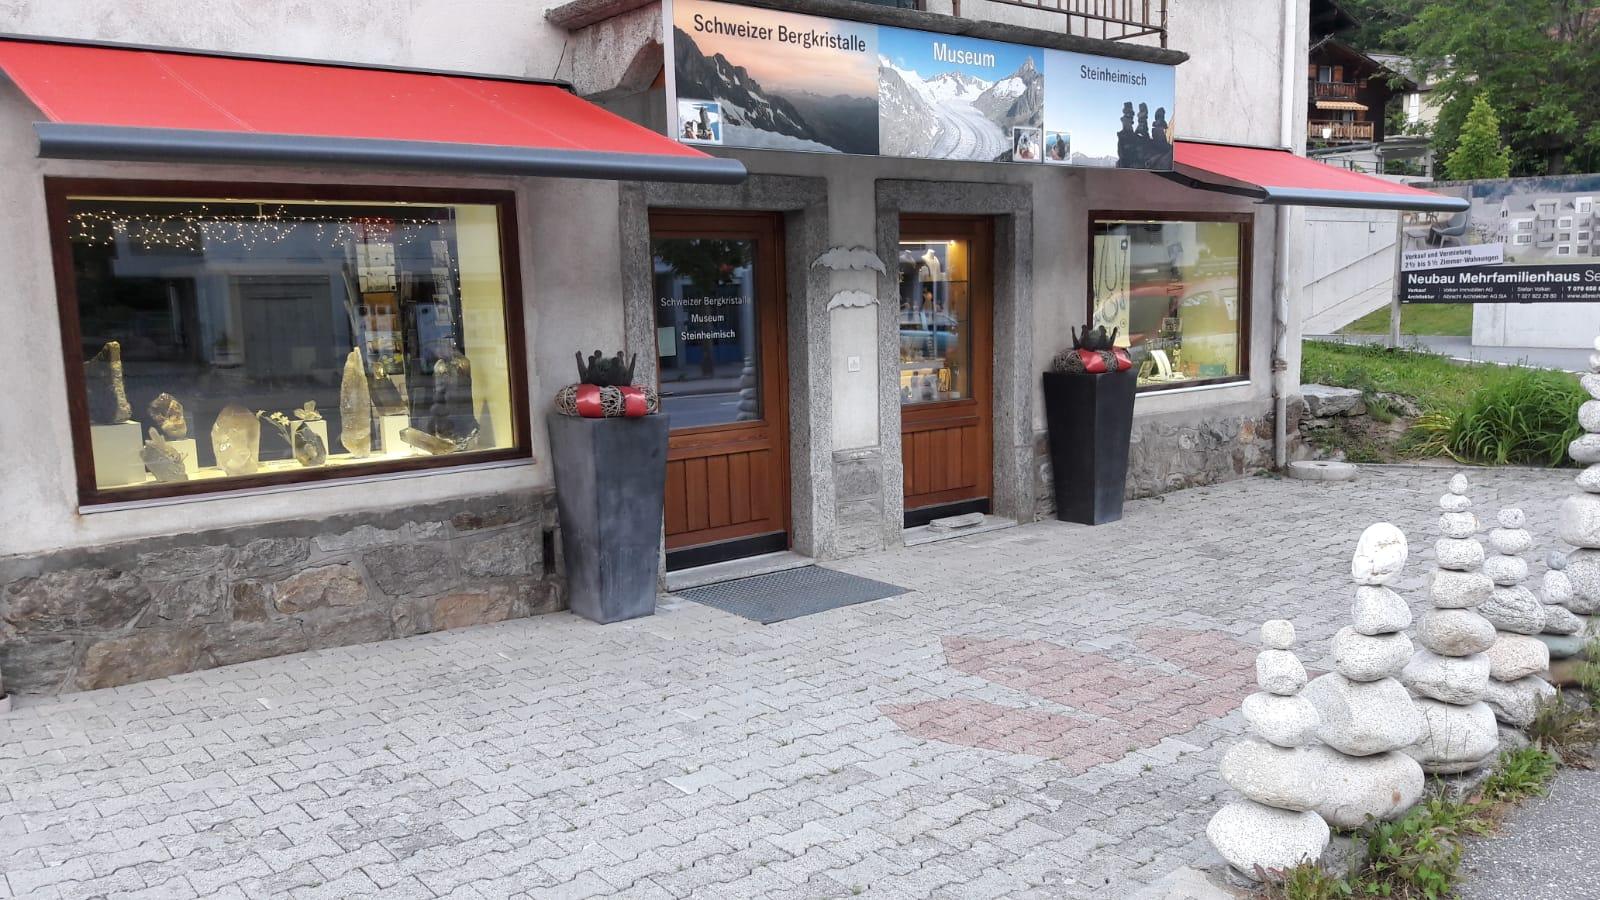 Schweizerbergkristalle und Schweizer Strahler Museum Wallis